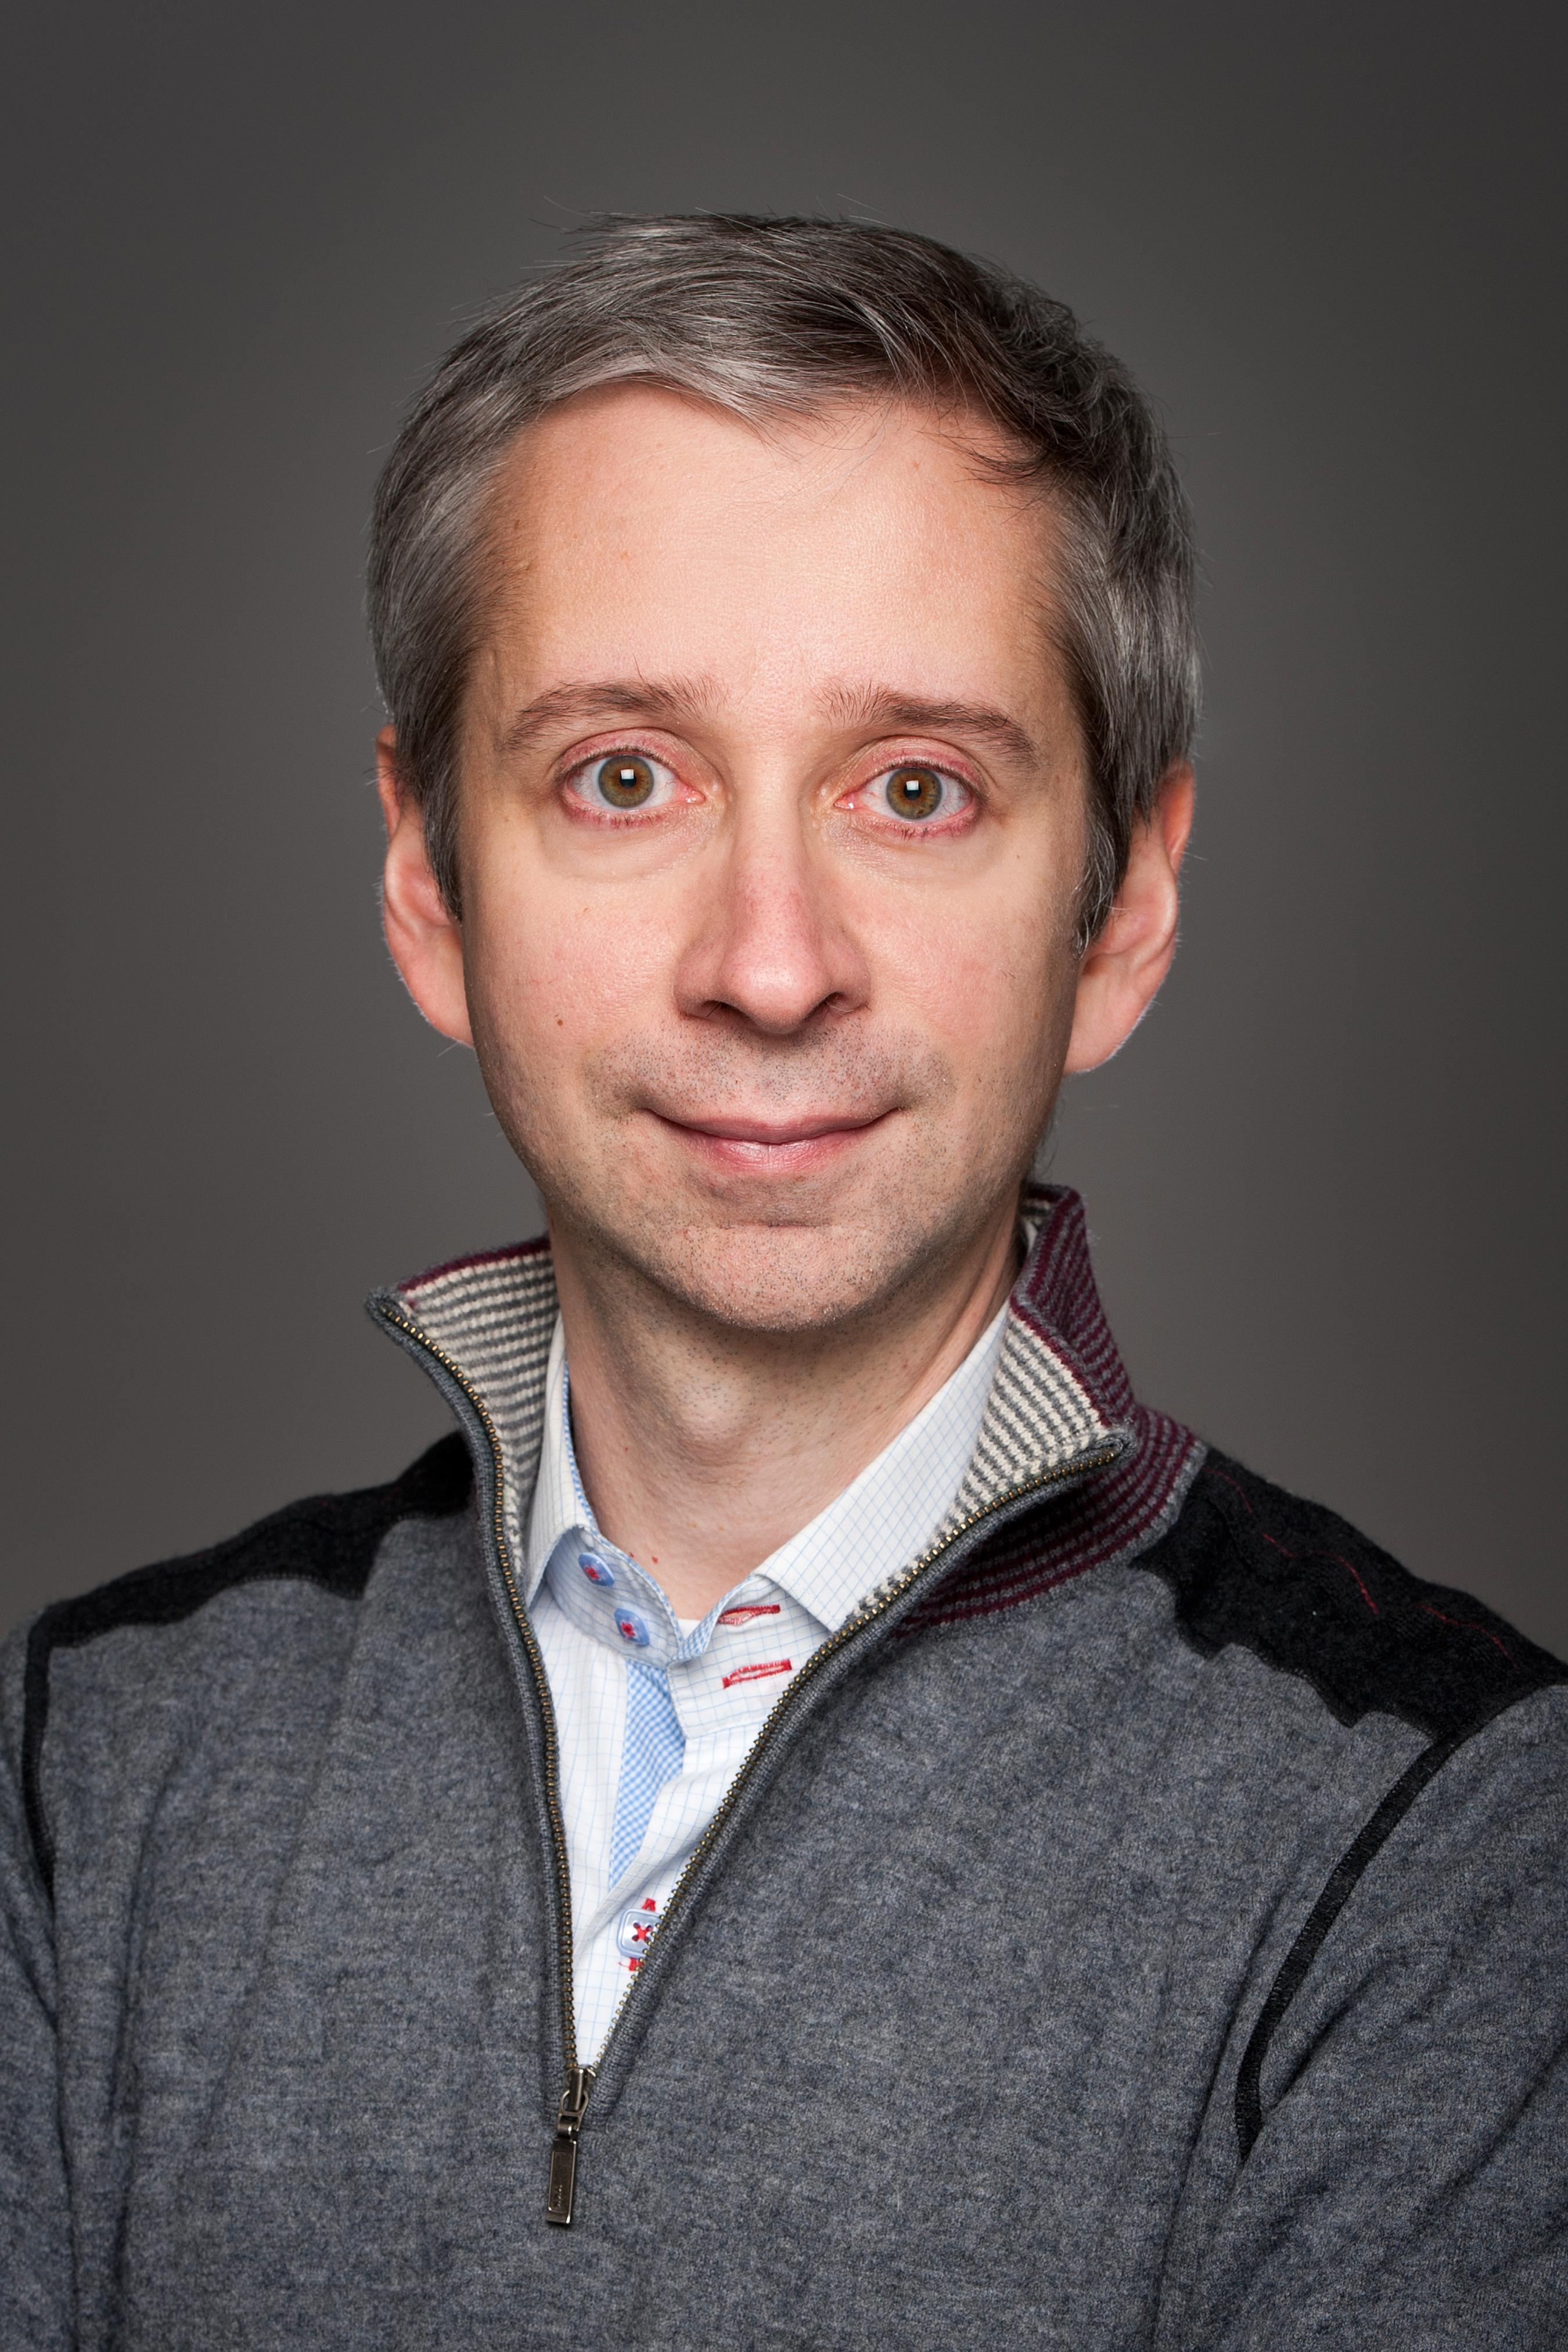 Dr Patrick Leclair